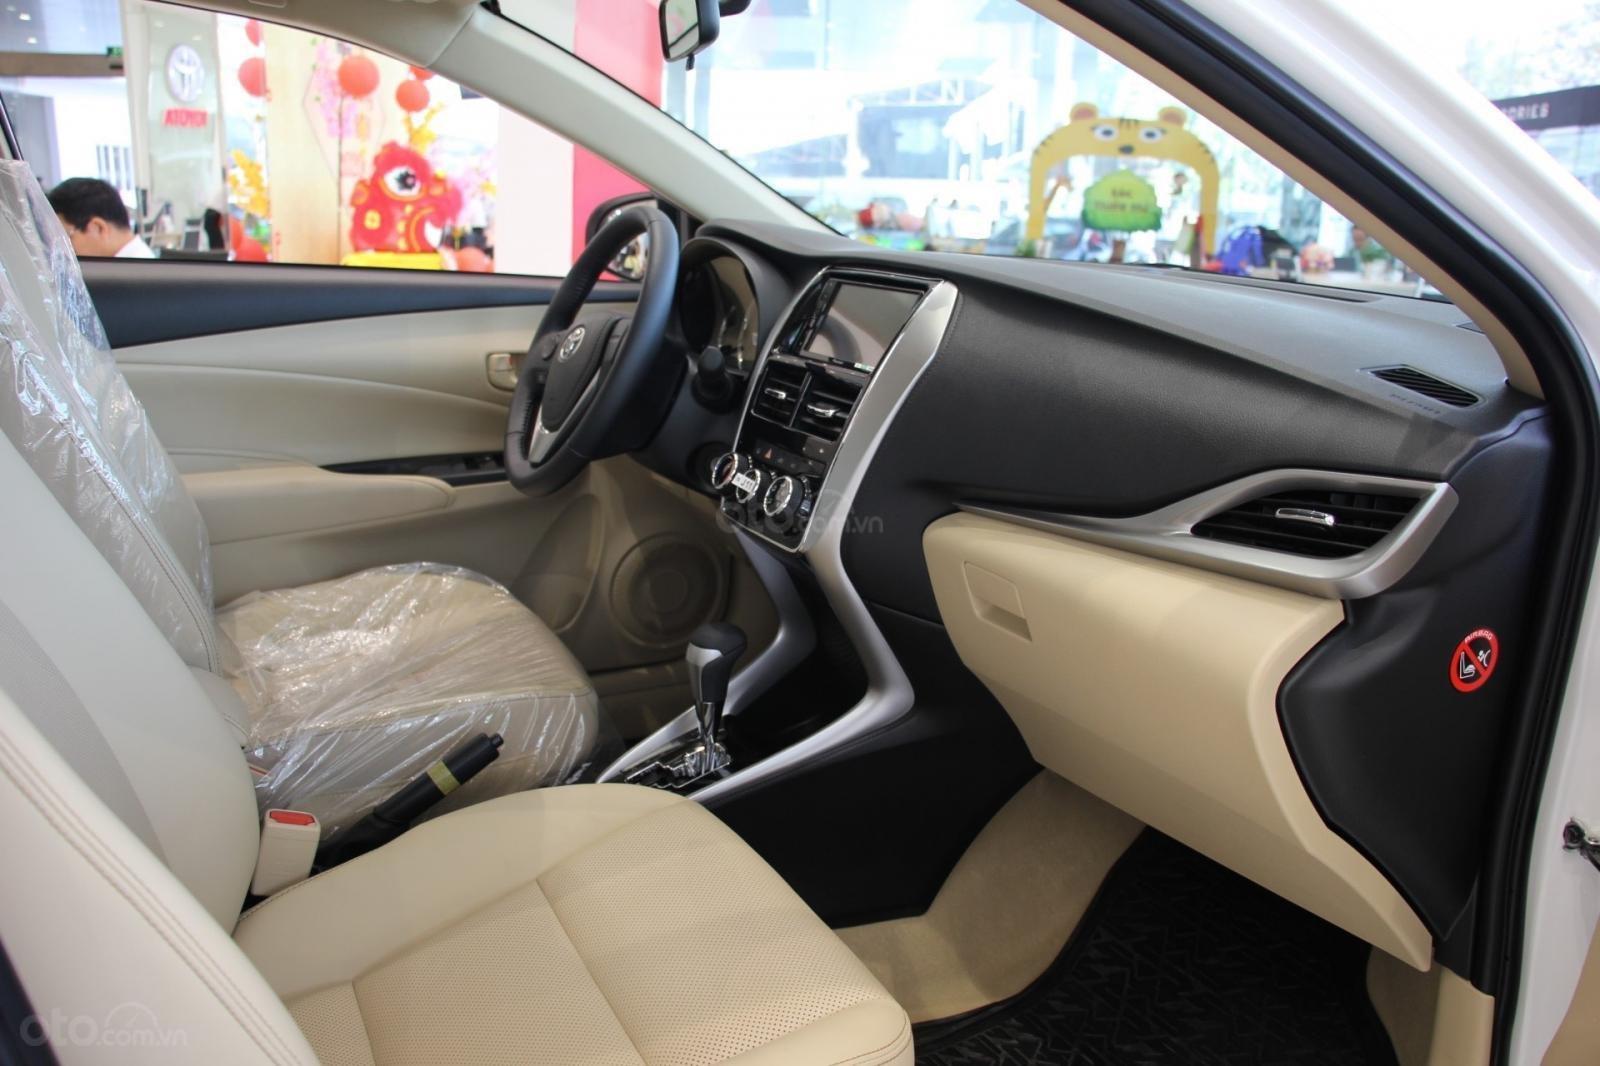 Toyota Vinh - Nghệ An bán xe Vios tự động giá rẻ nhất Nghệ An, trả góp 80% lãi suất thấp (4)